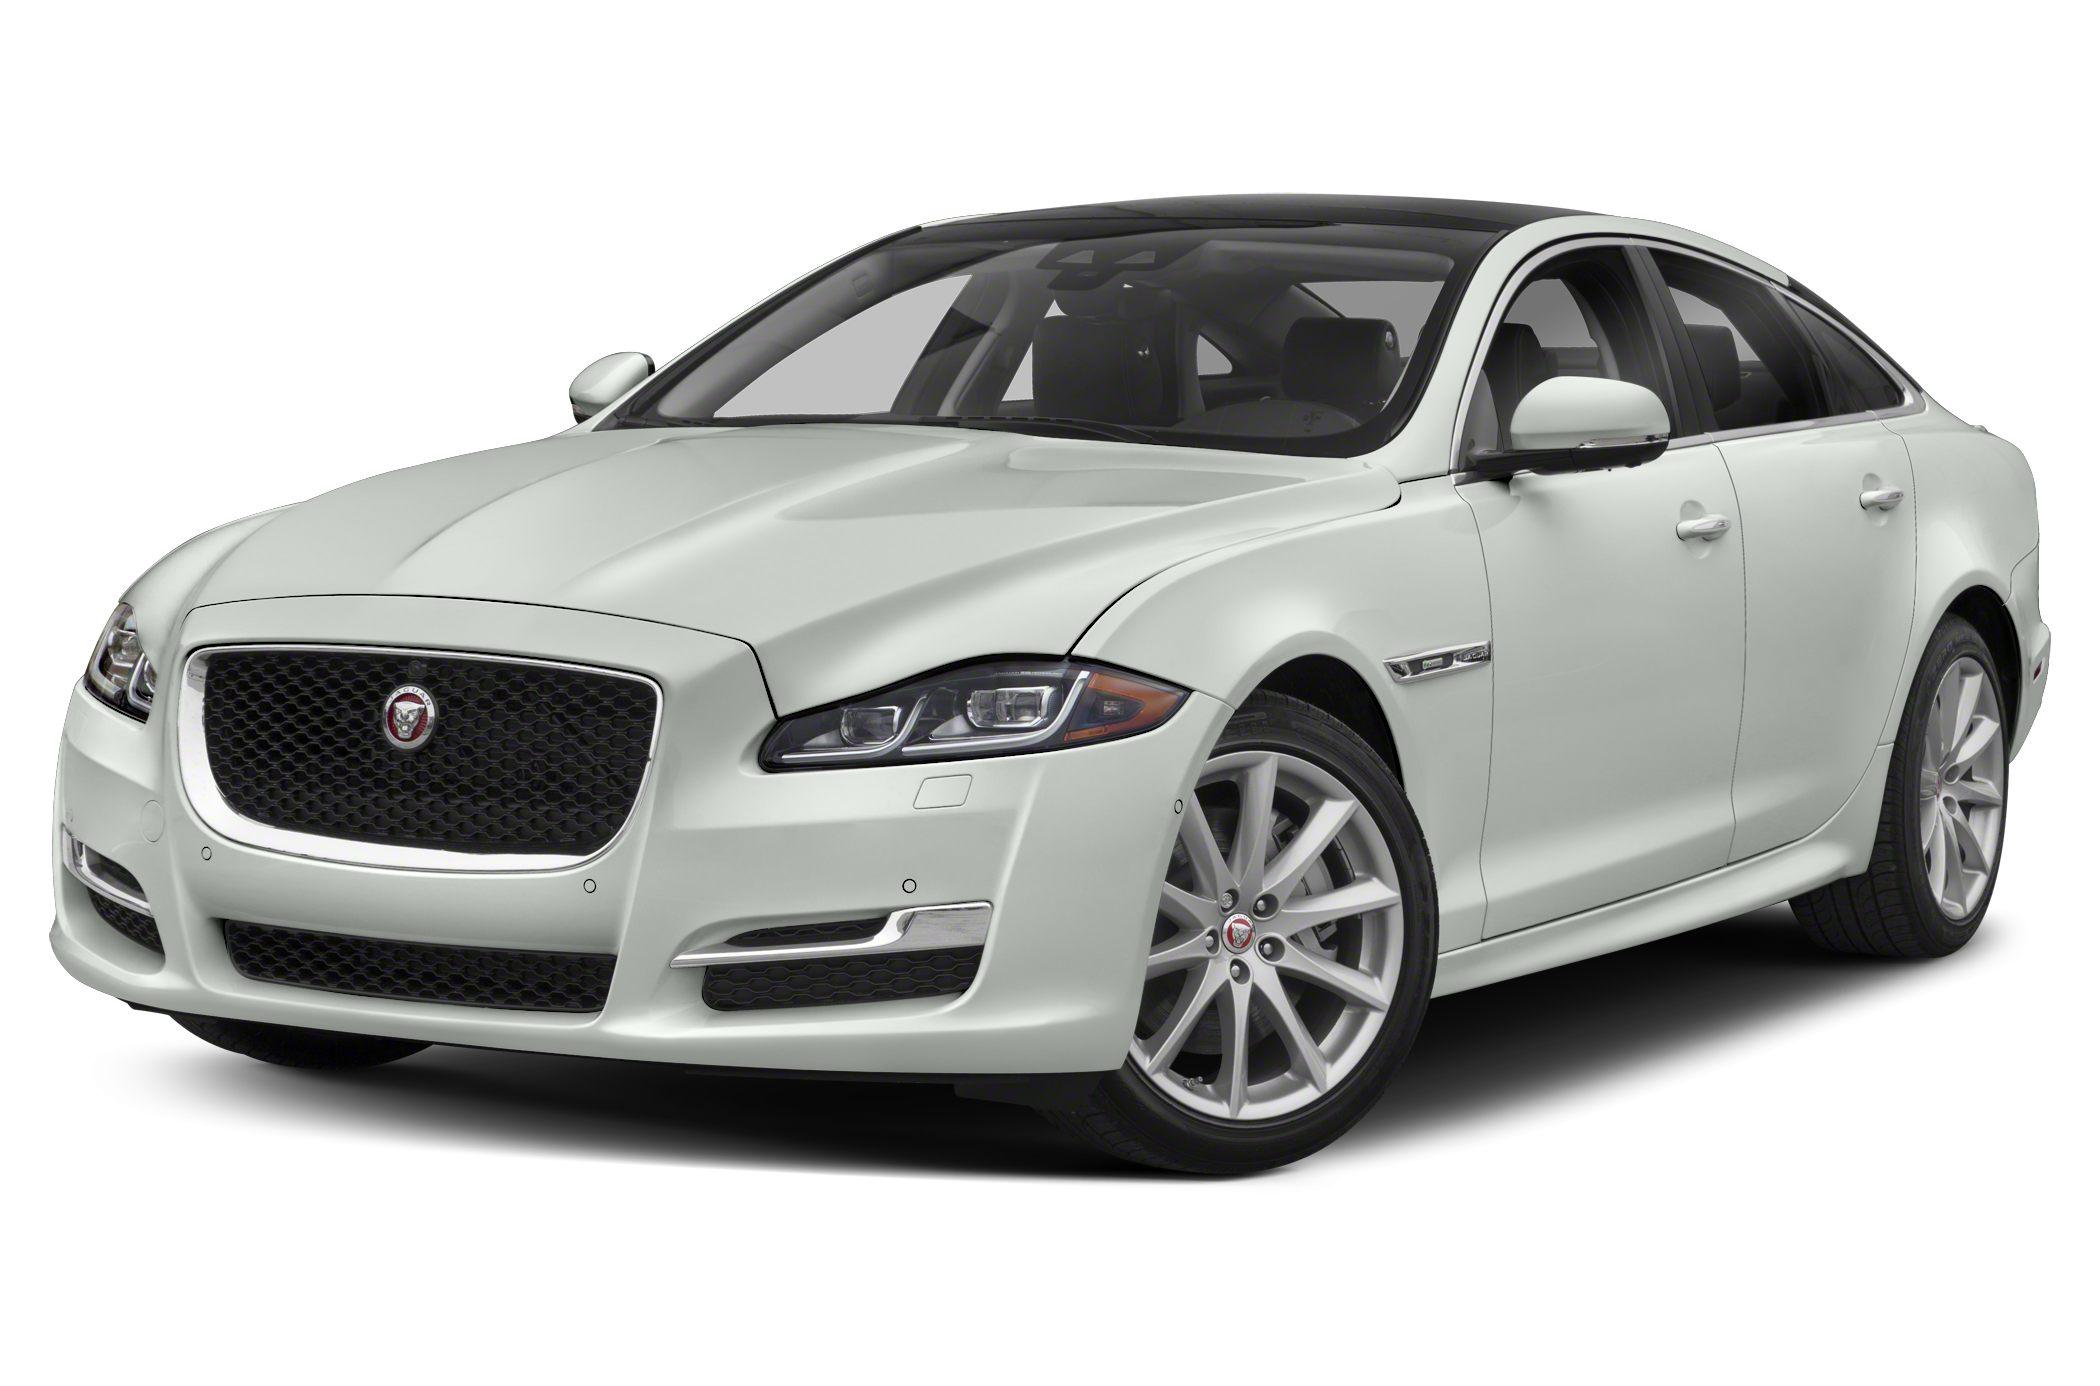 cars xjl l jaguar awd top speed xj